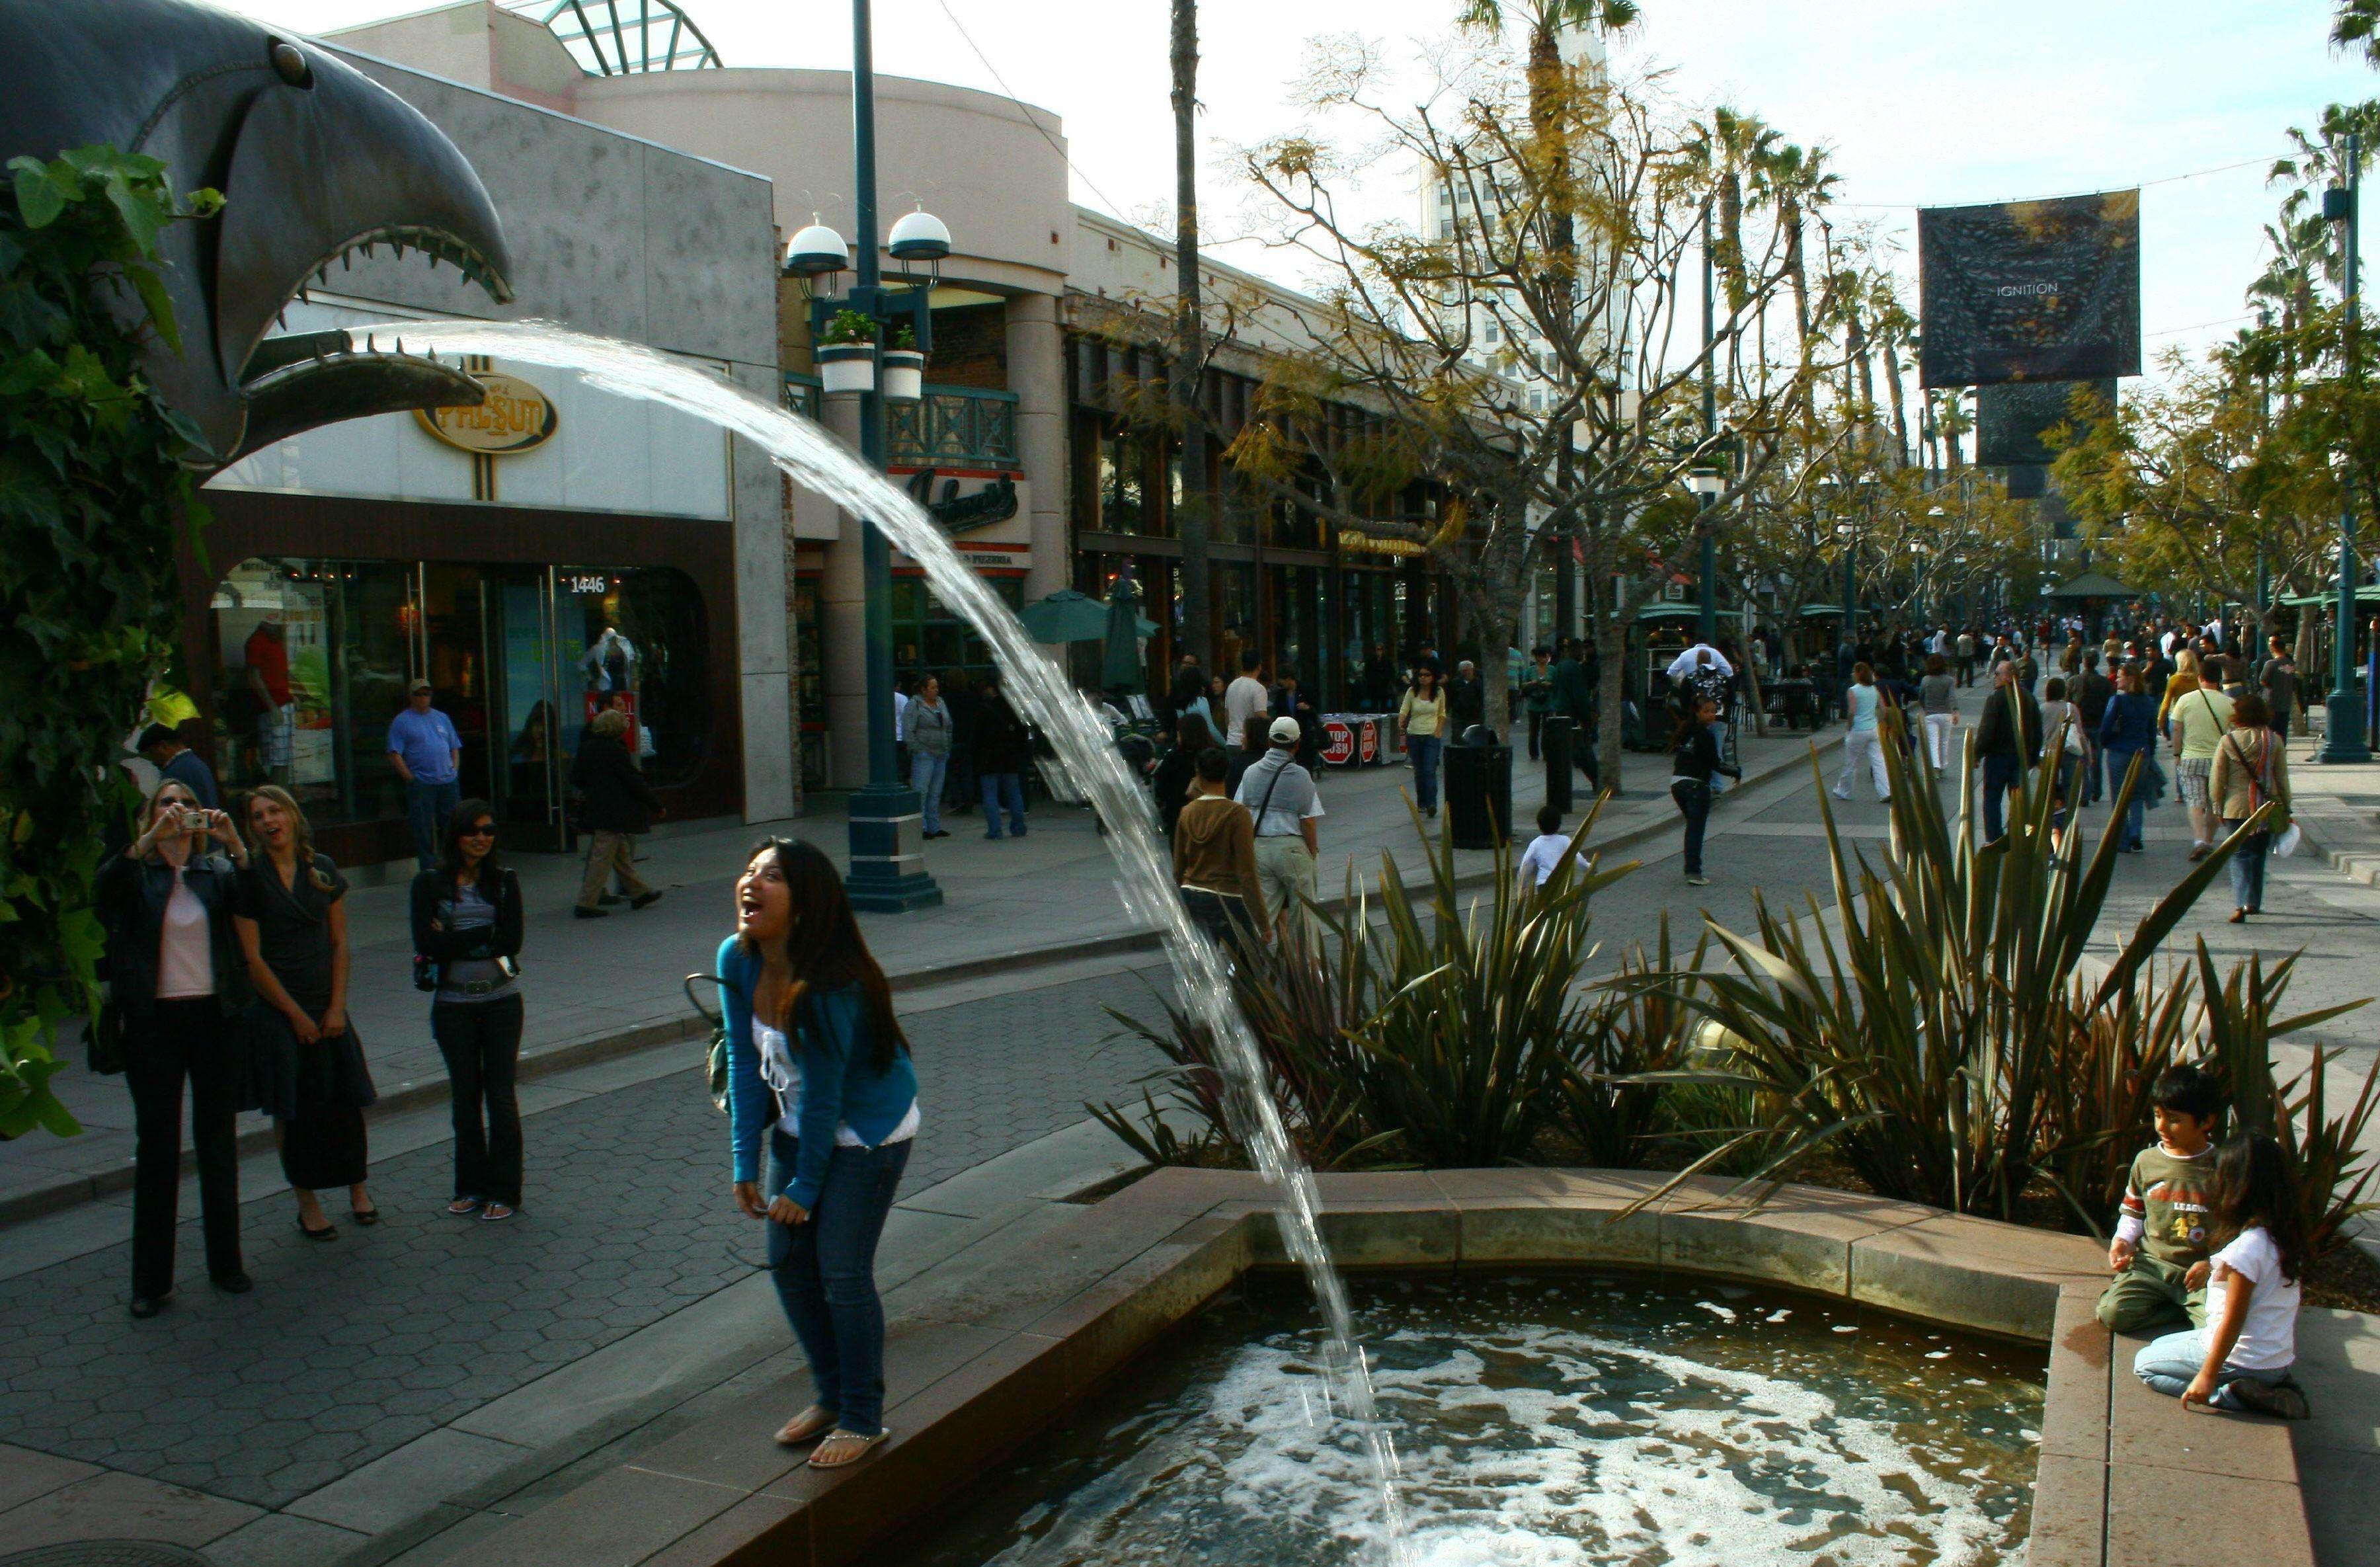 Si se toma en cuenta el número de hispanos residentes, la lista la encabeza Los Angeles, en California, con más de 5 millones de latinos, seguida por Nueva York (2,8 millones), Miami (1,5 millones), San Francisco-Oakland (960.000) y Chicago (933.000). Foto: EFE